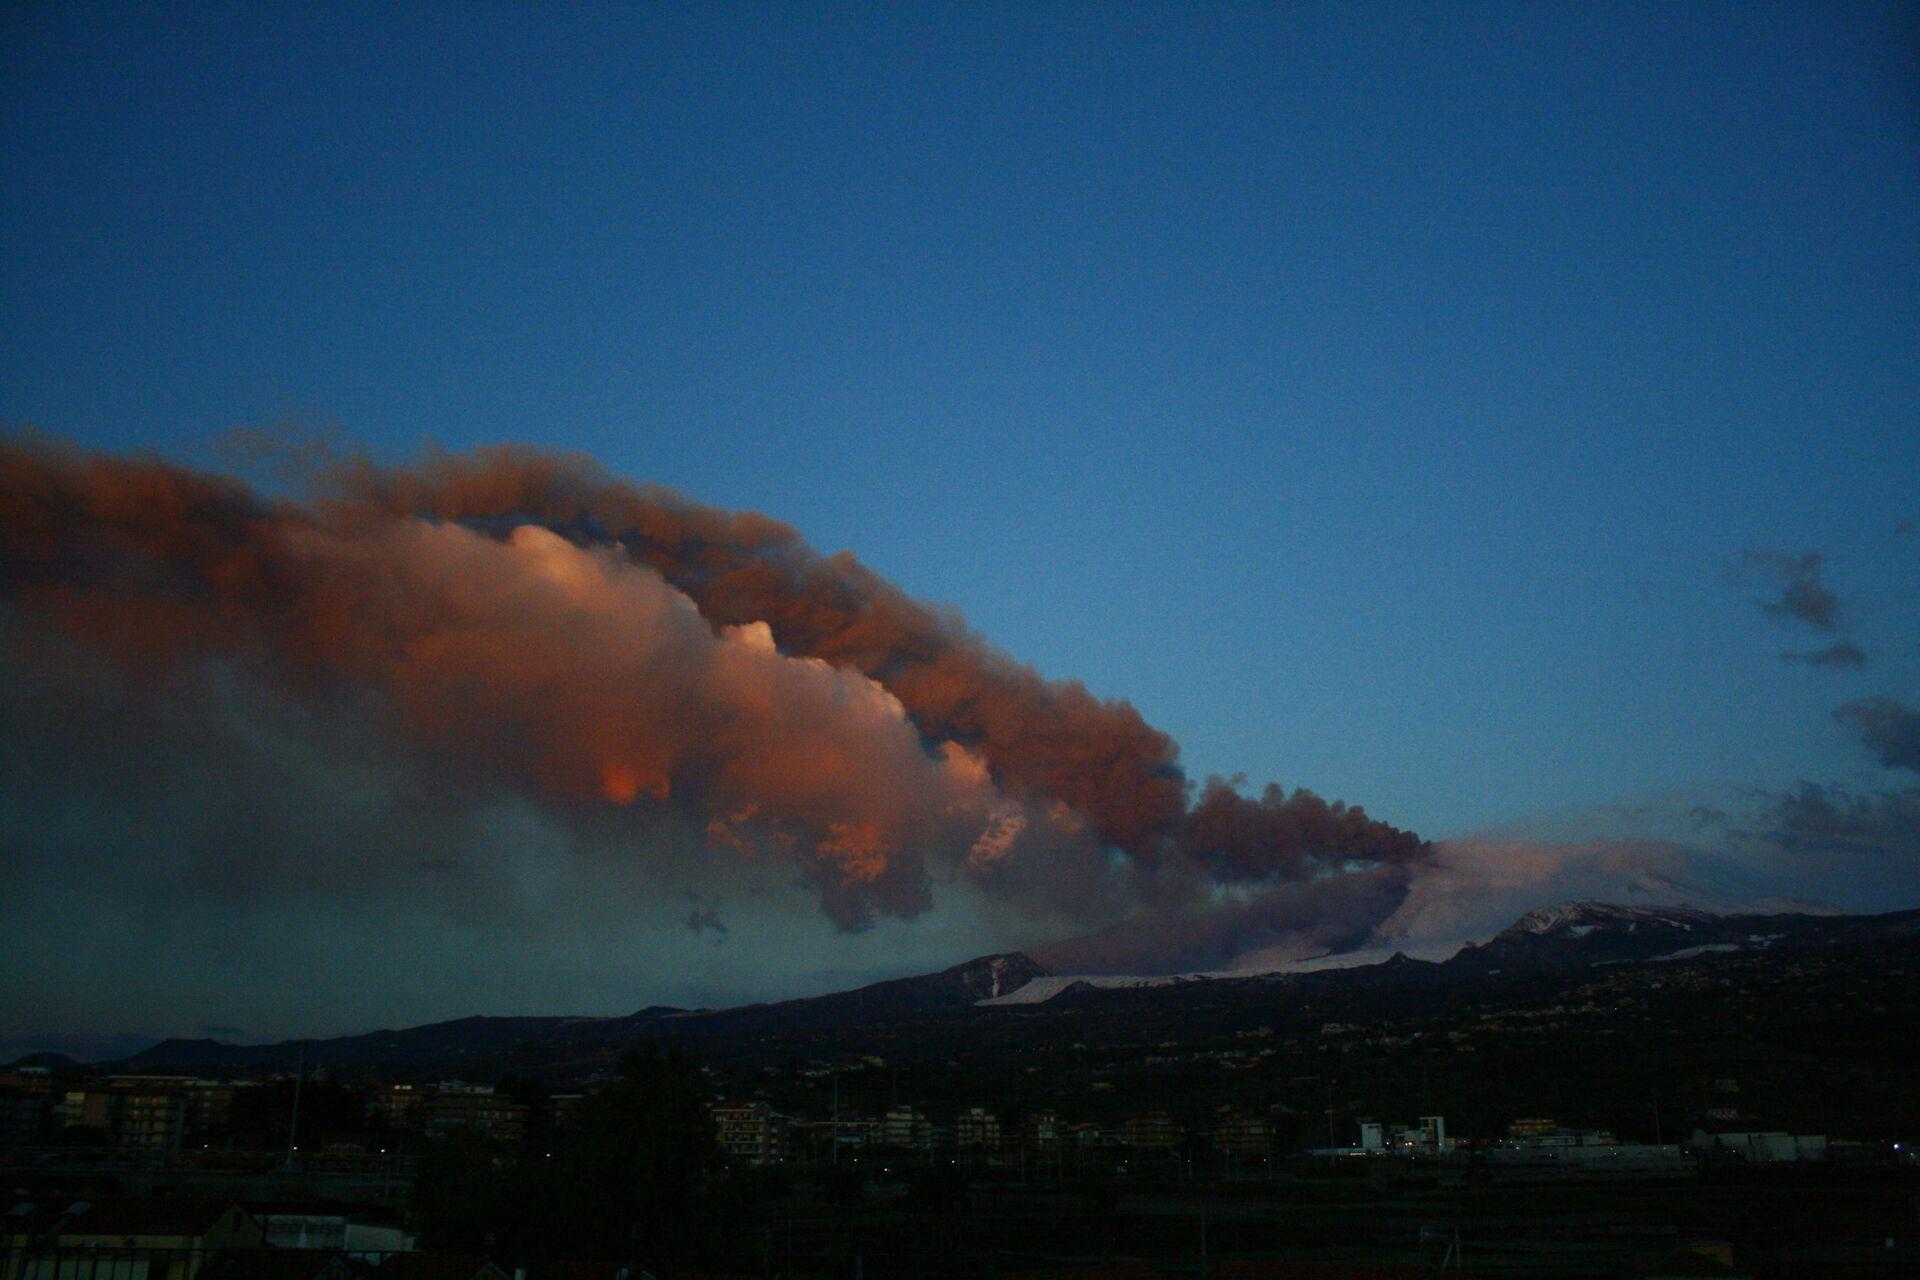 Etna, nuova eruzione nella notte: esplosioni fanno tremare porte e finestre nei paesi vicini - Sputnik Italia, 1920, 17.03.2021